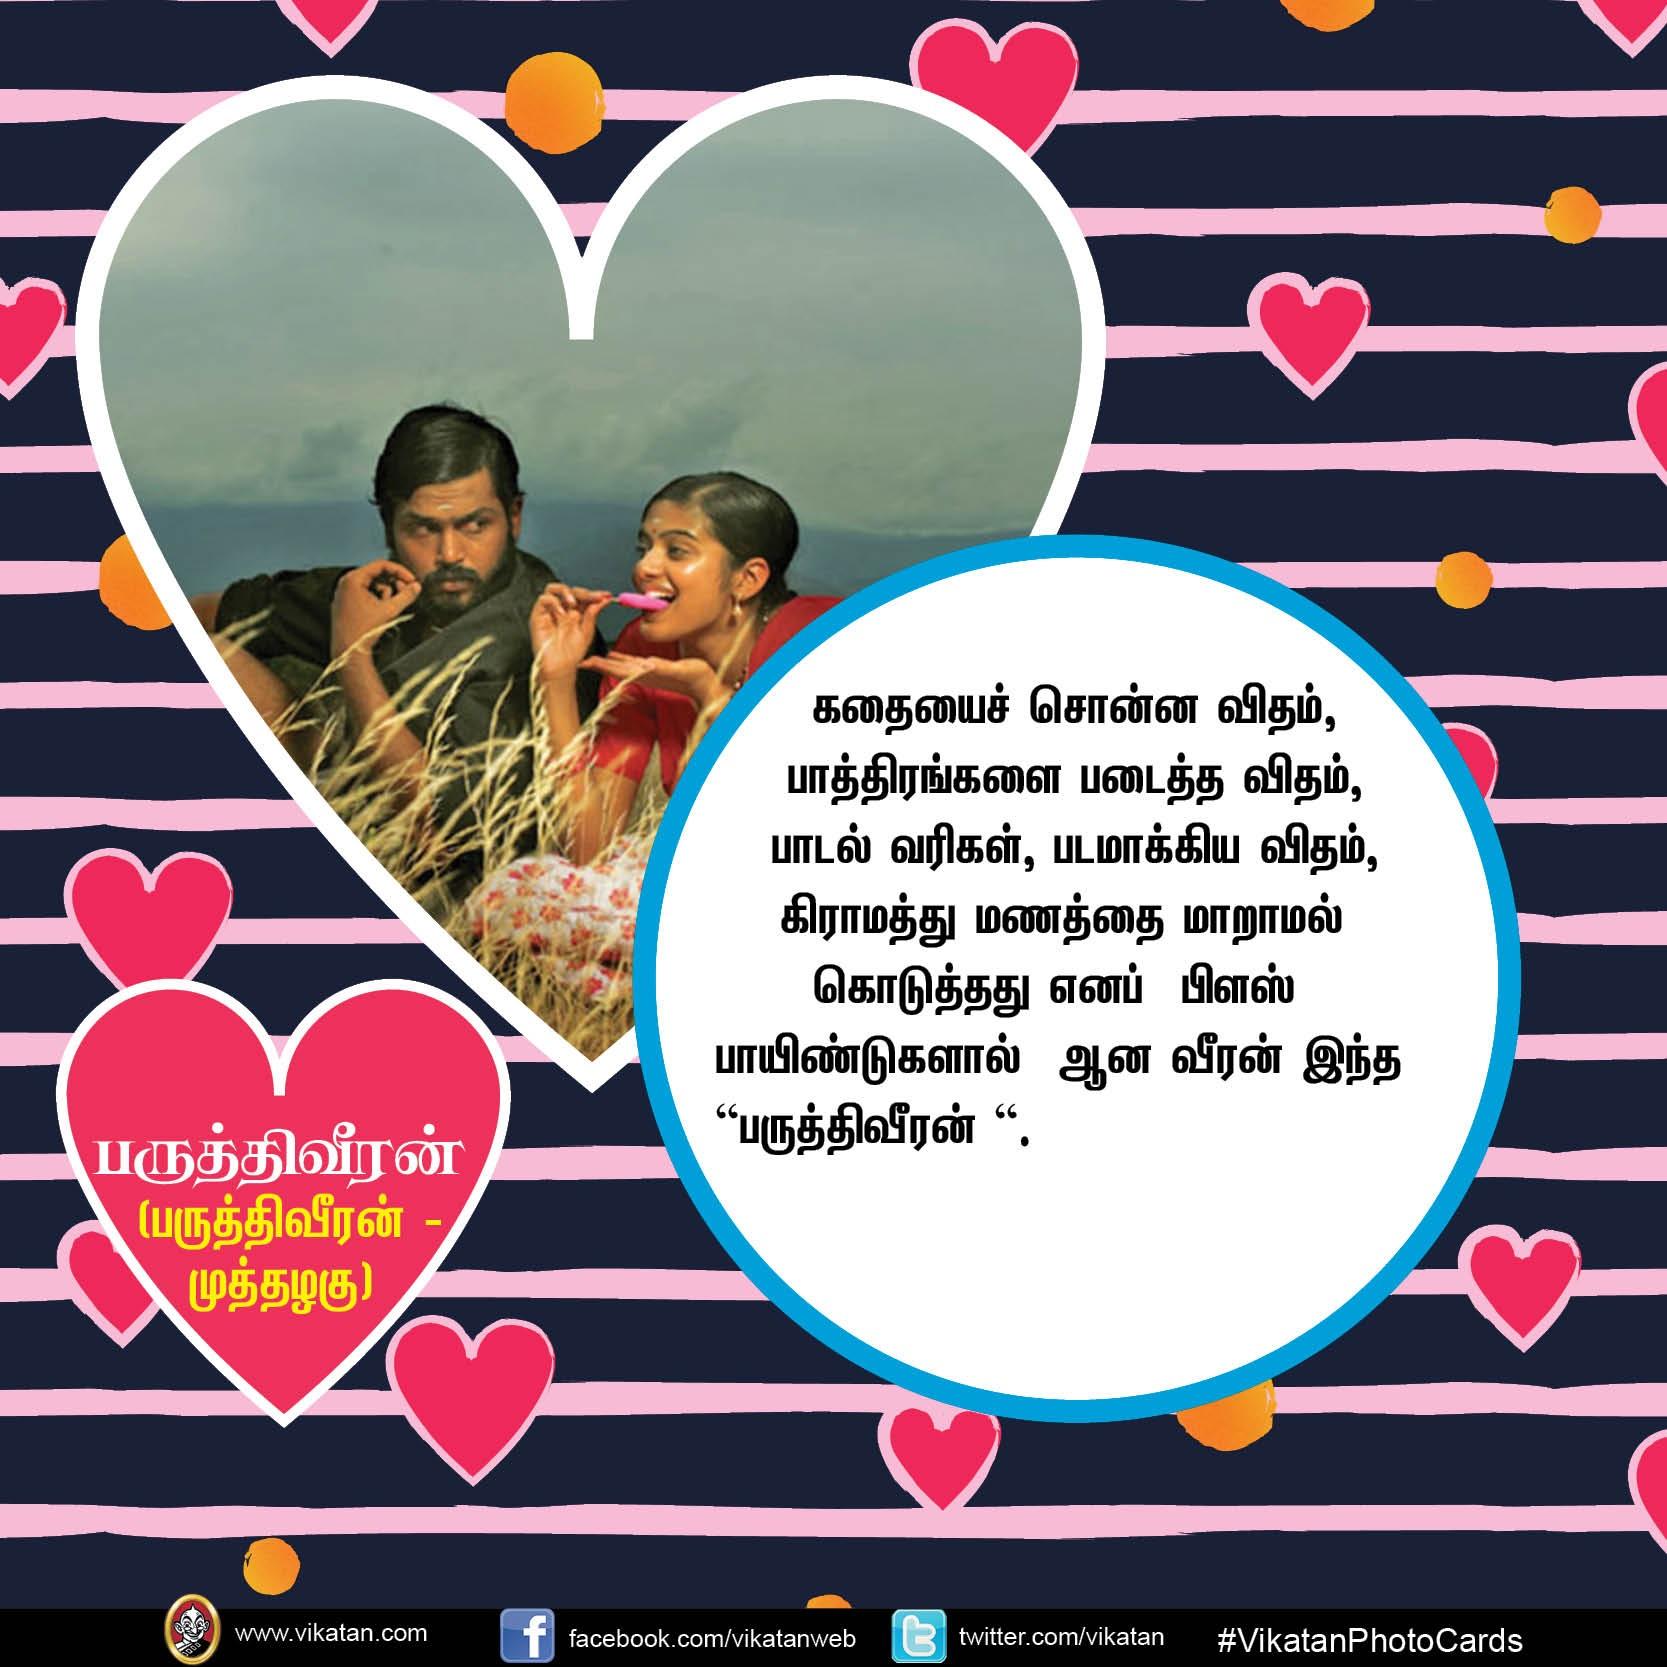 'சூர்யா - கமலி' முதல்  'கார்த்திக் - ஜெஸ்ஸி' வரை... டாப் 25 காதல் ஜோடிகள்!  #VikatanPhotoCards